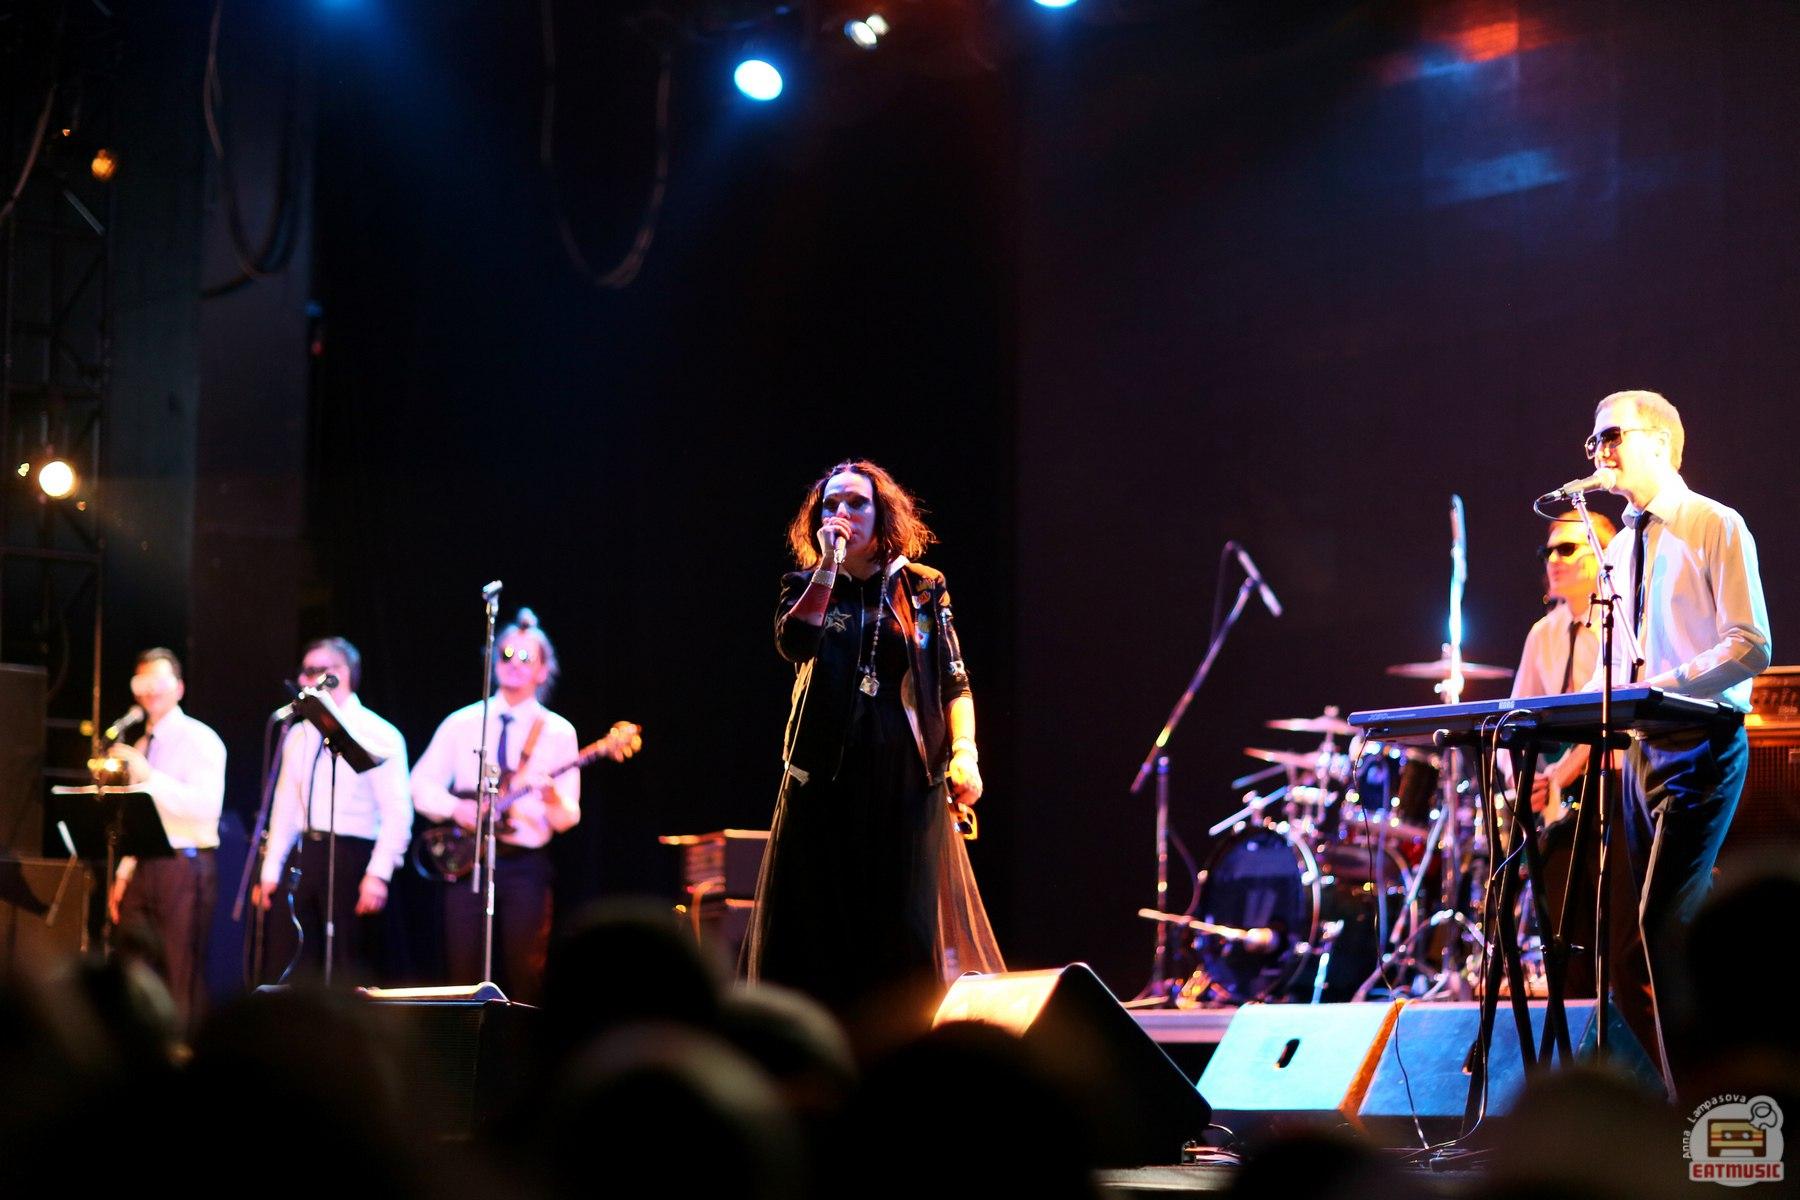 концерт Жанны Агузаровой в московском клубе Yotaspace